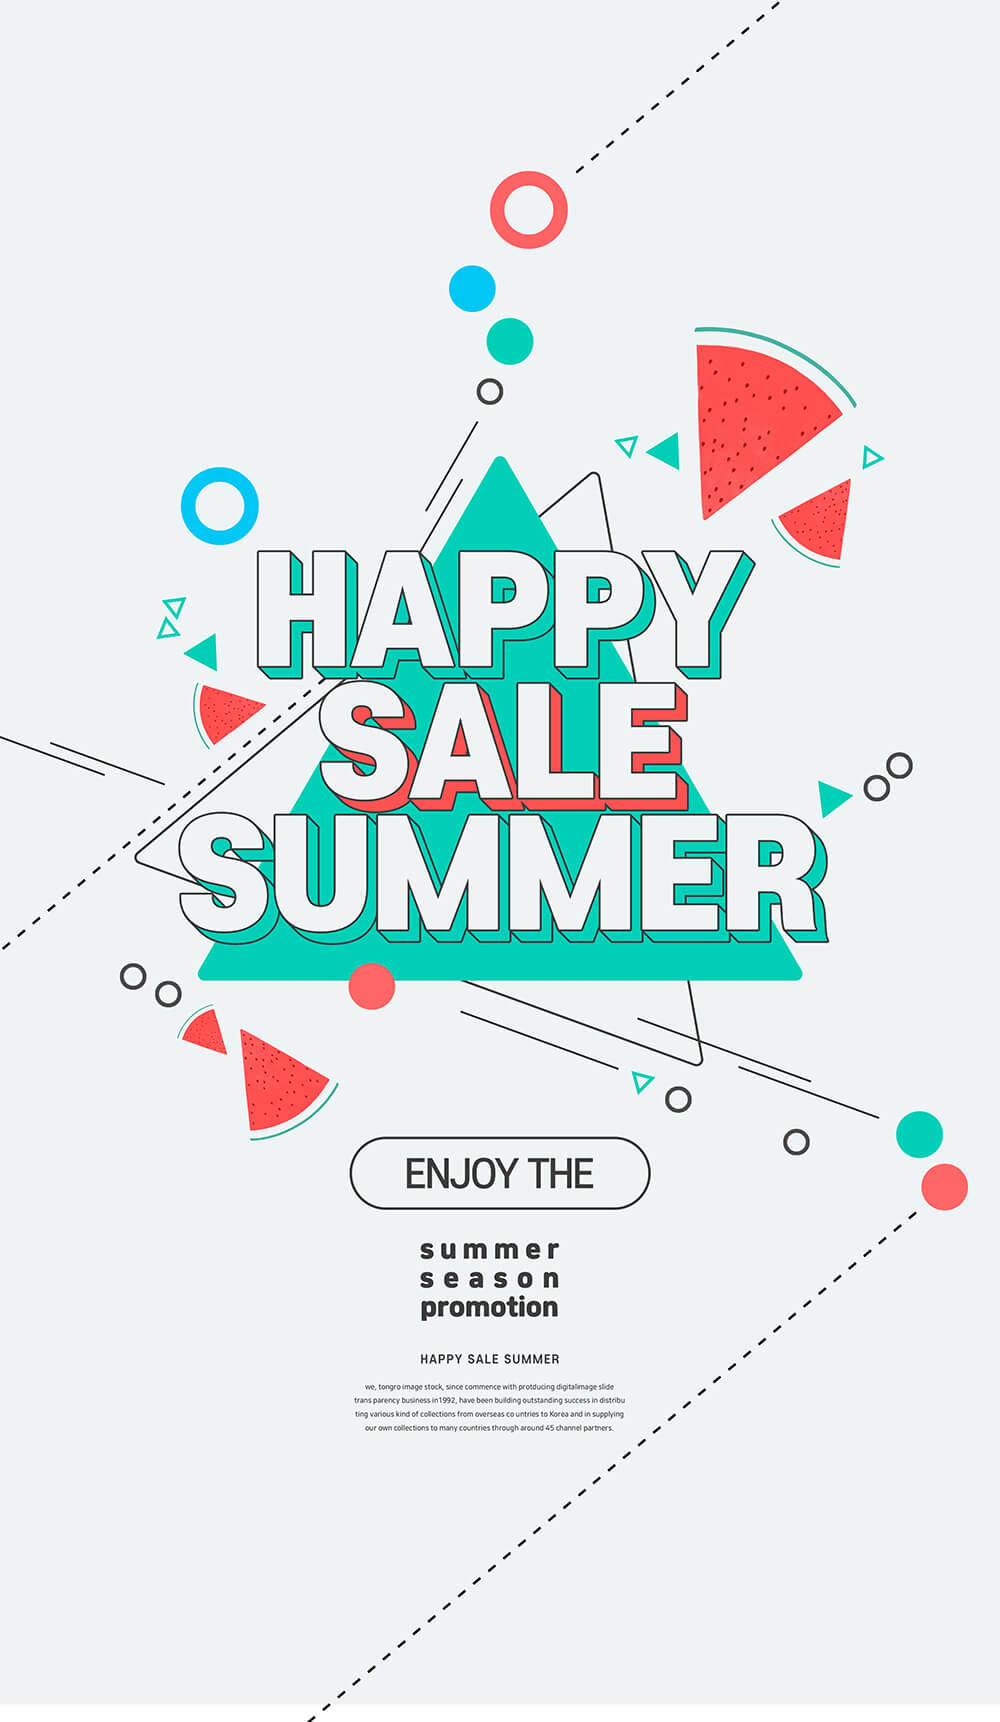 时尚简约线条设计夏季销售宣传海报模板designshidai_haibao53